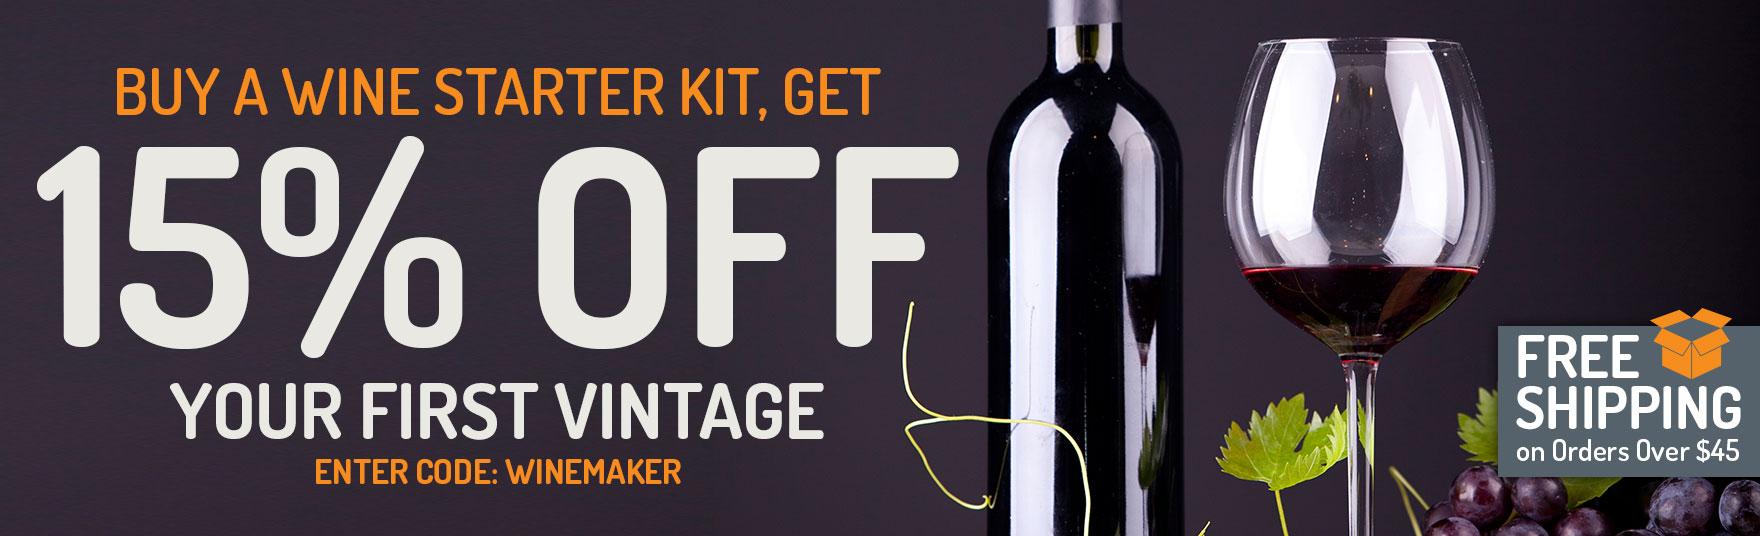 Buy a Wine Starter Kit, Get a Master Vintner Wine Recipe Kit 15% Off